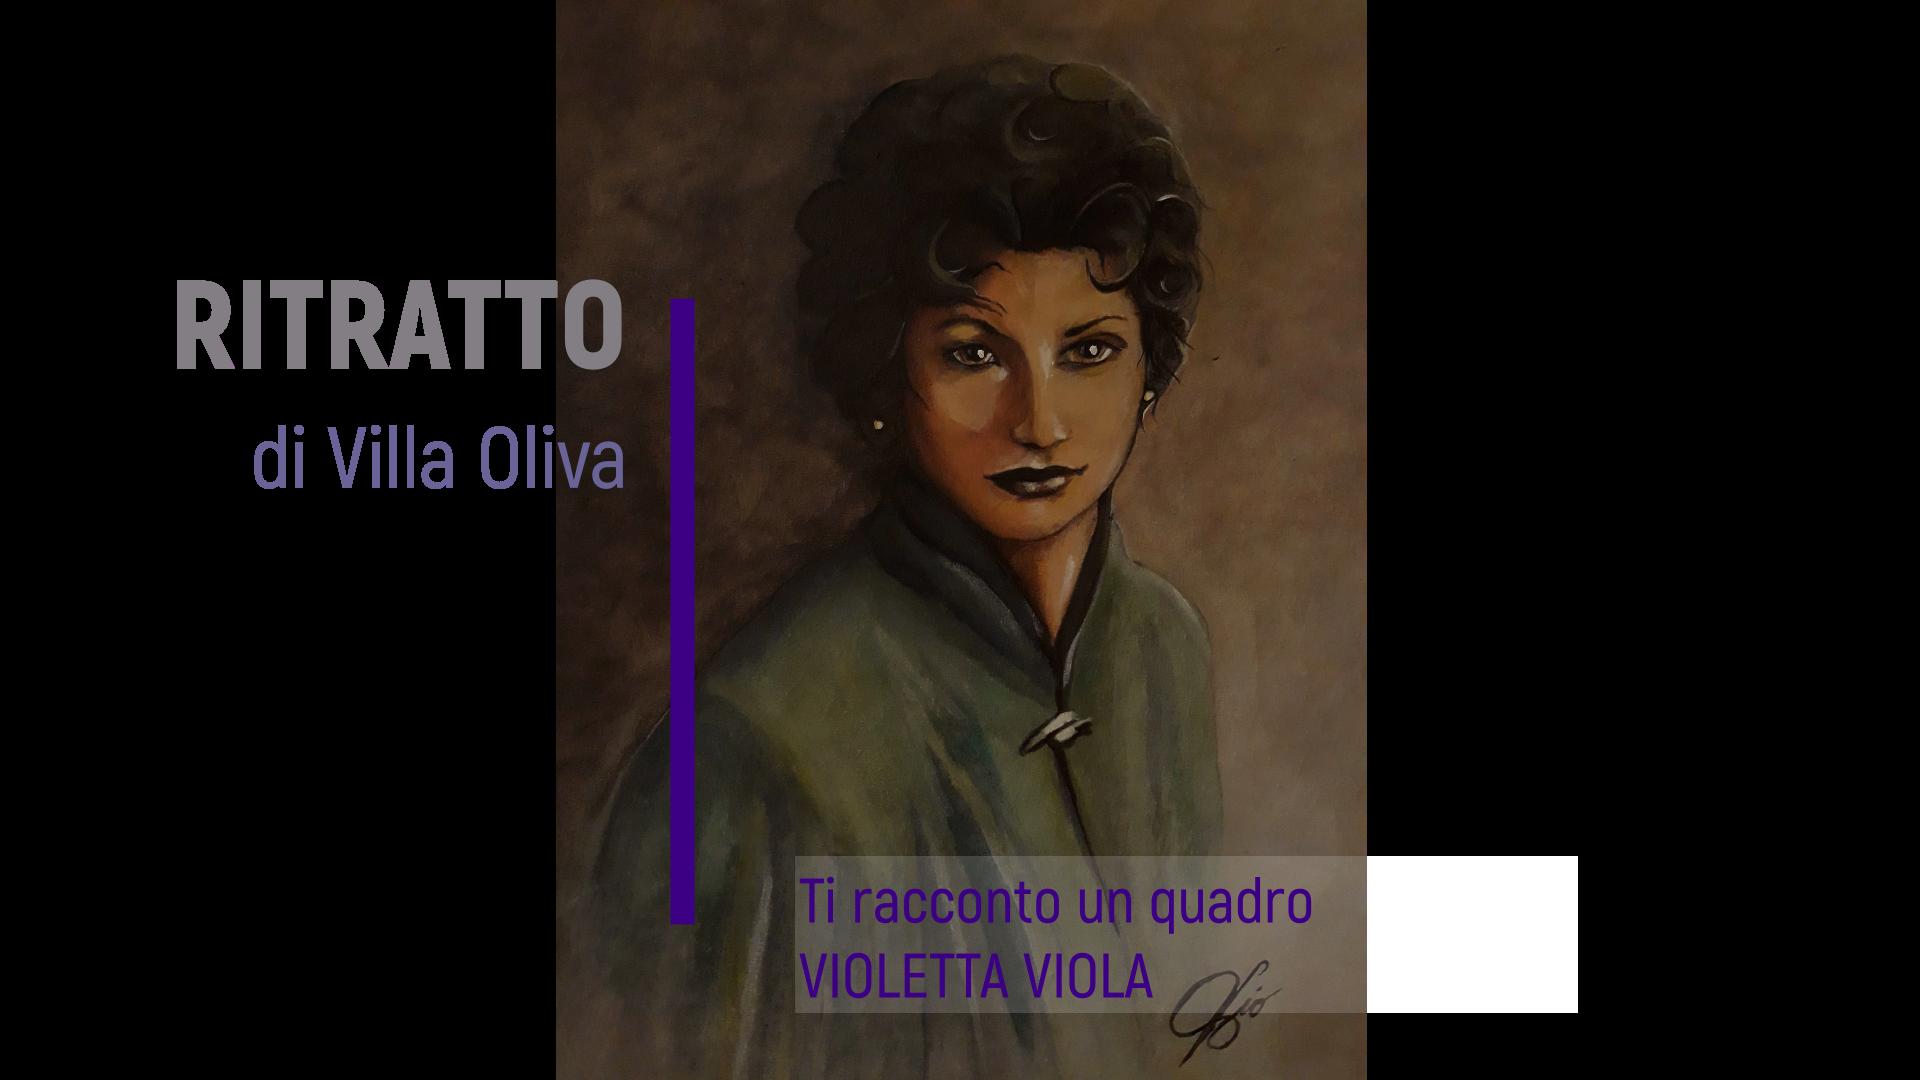 il ritratto di villa oliva